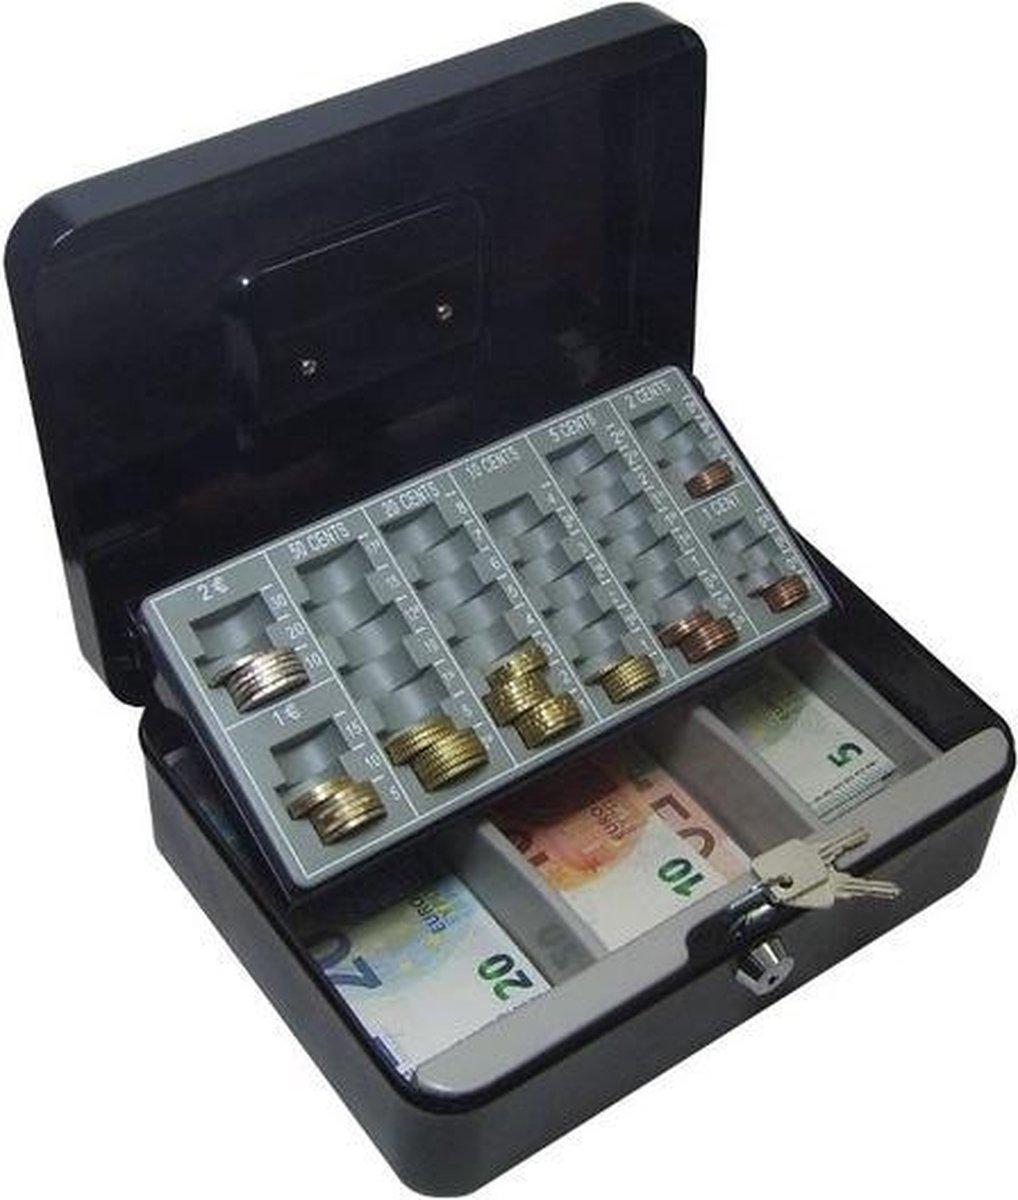 Zwarte Geldkist met kleingeldlade Metaal 250 x 160 x 90 mm geldkist kluis